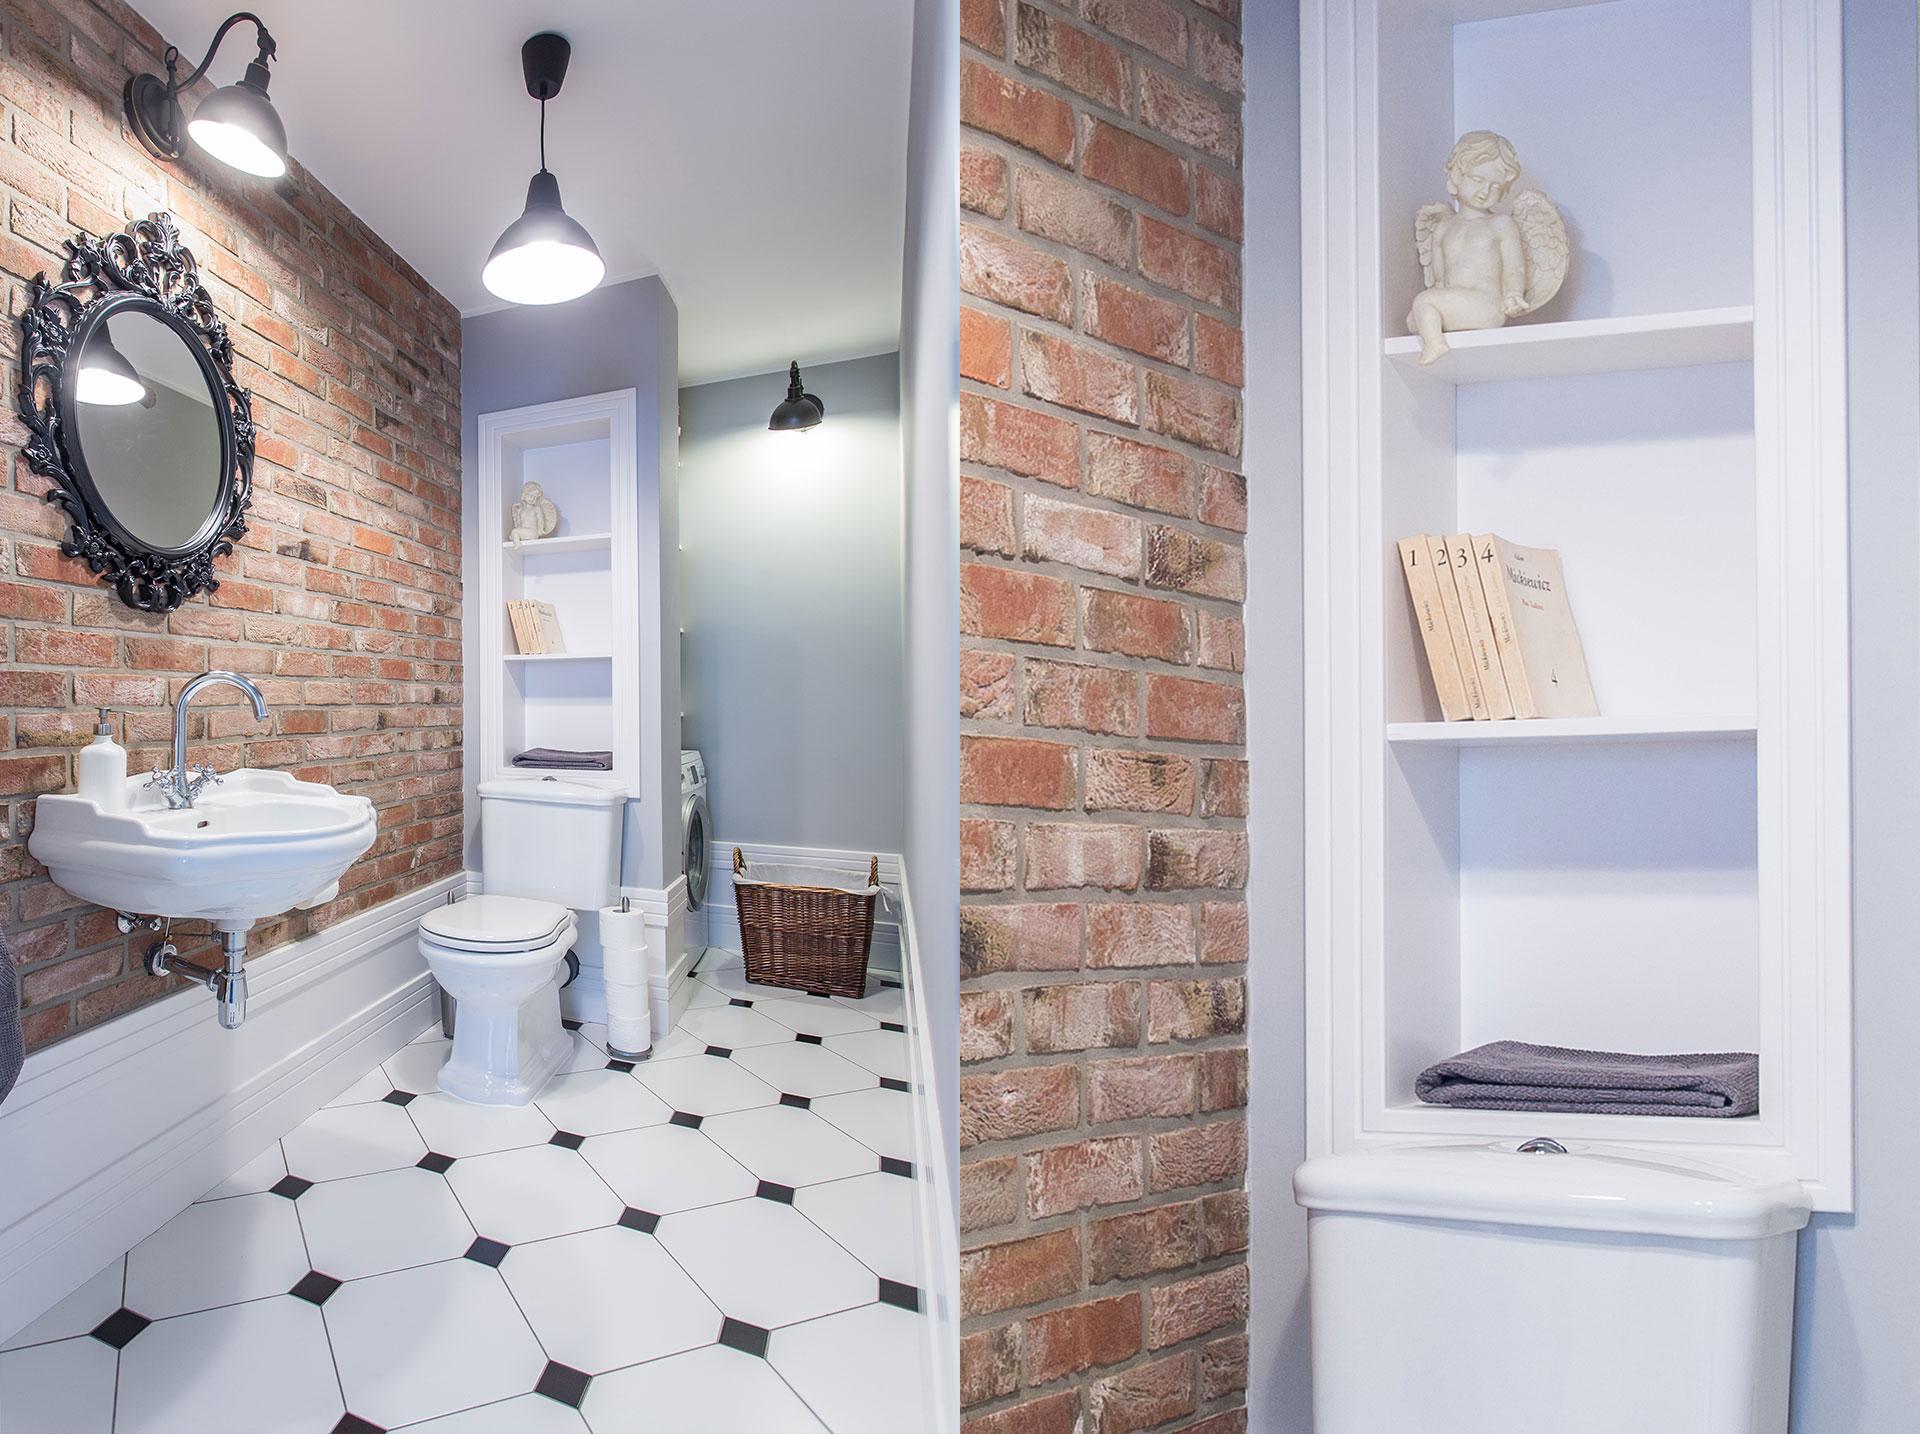 Łazienka w stylu retro ze ścianą z czerwonej cegły | proj. emDesign